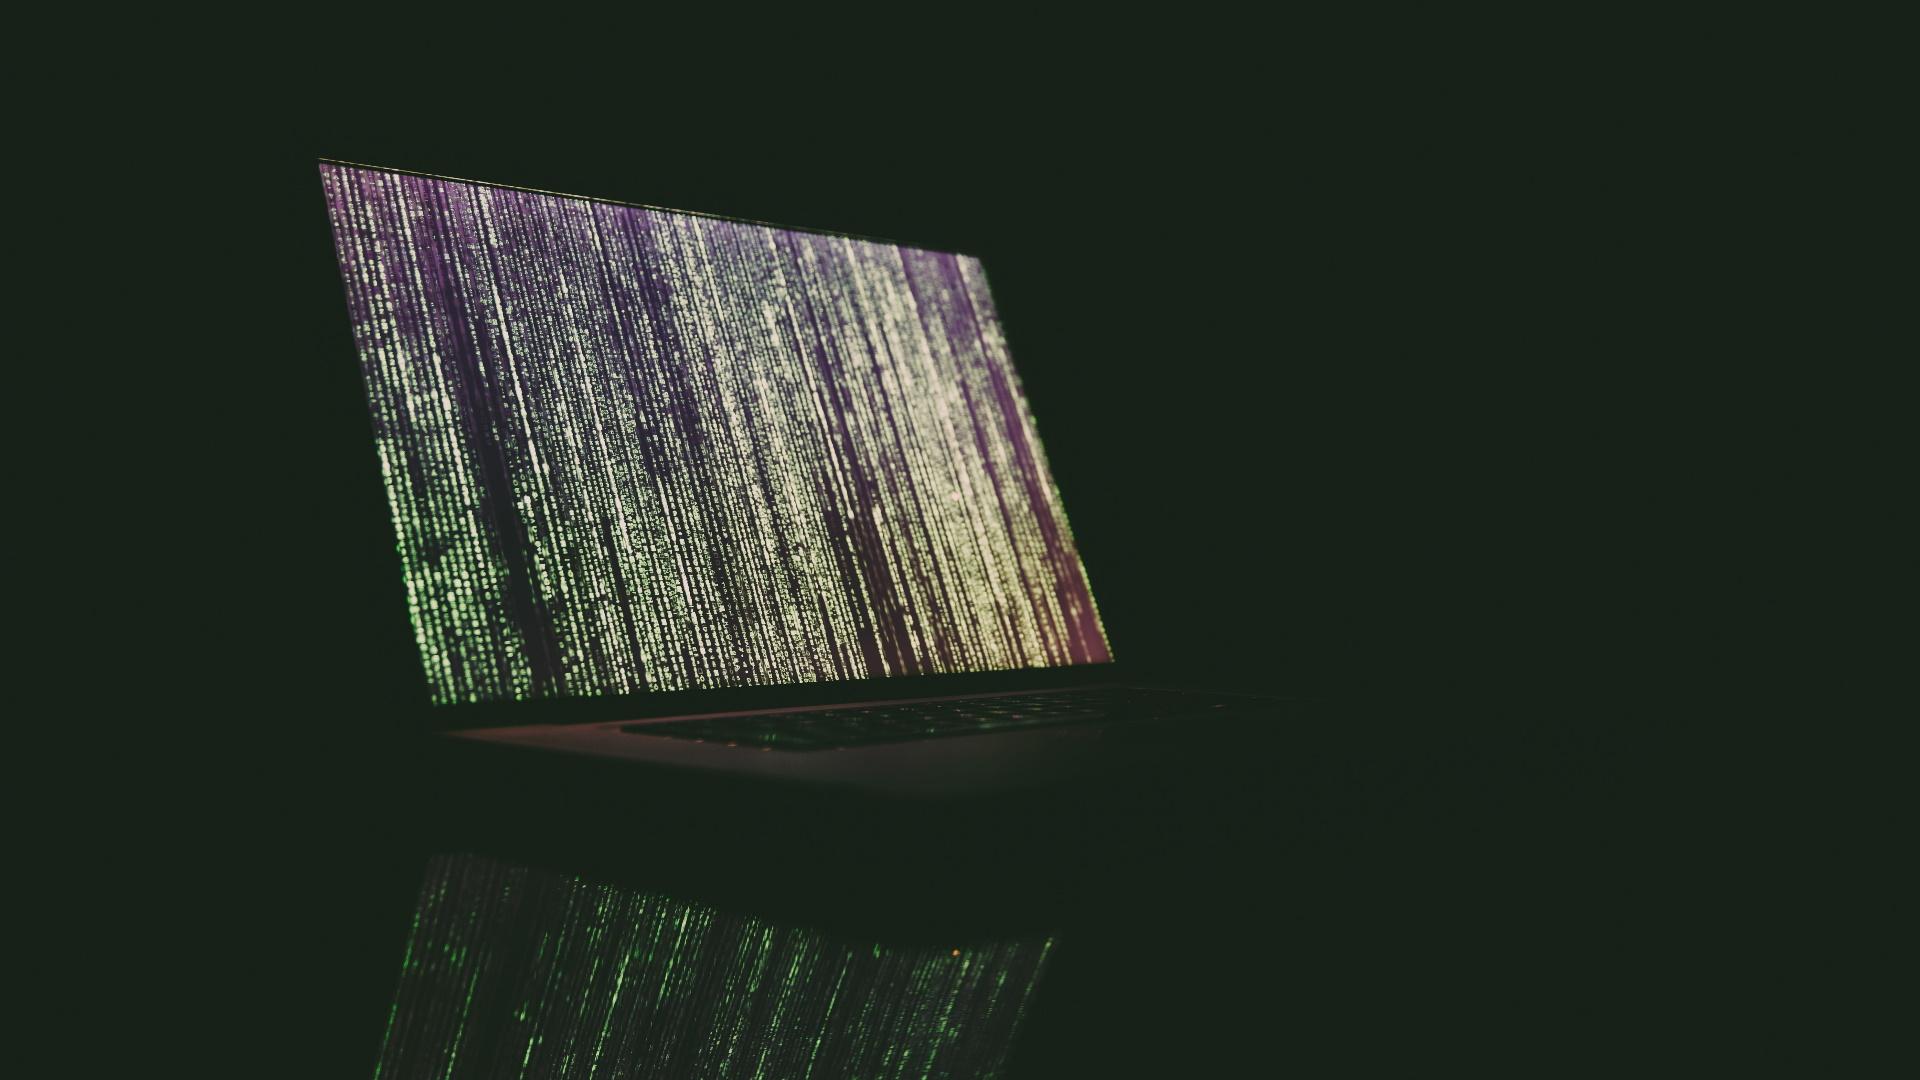 Hackers computadora ciberseguridad claves contraseña